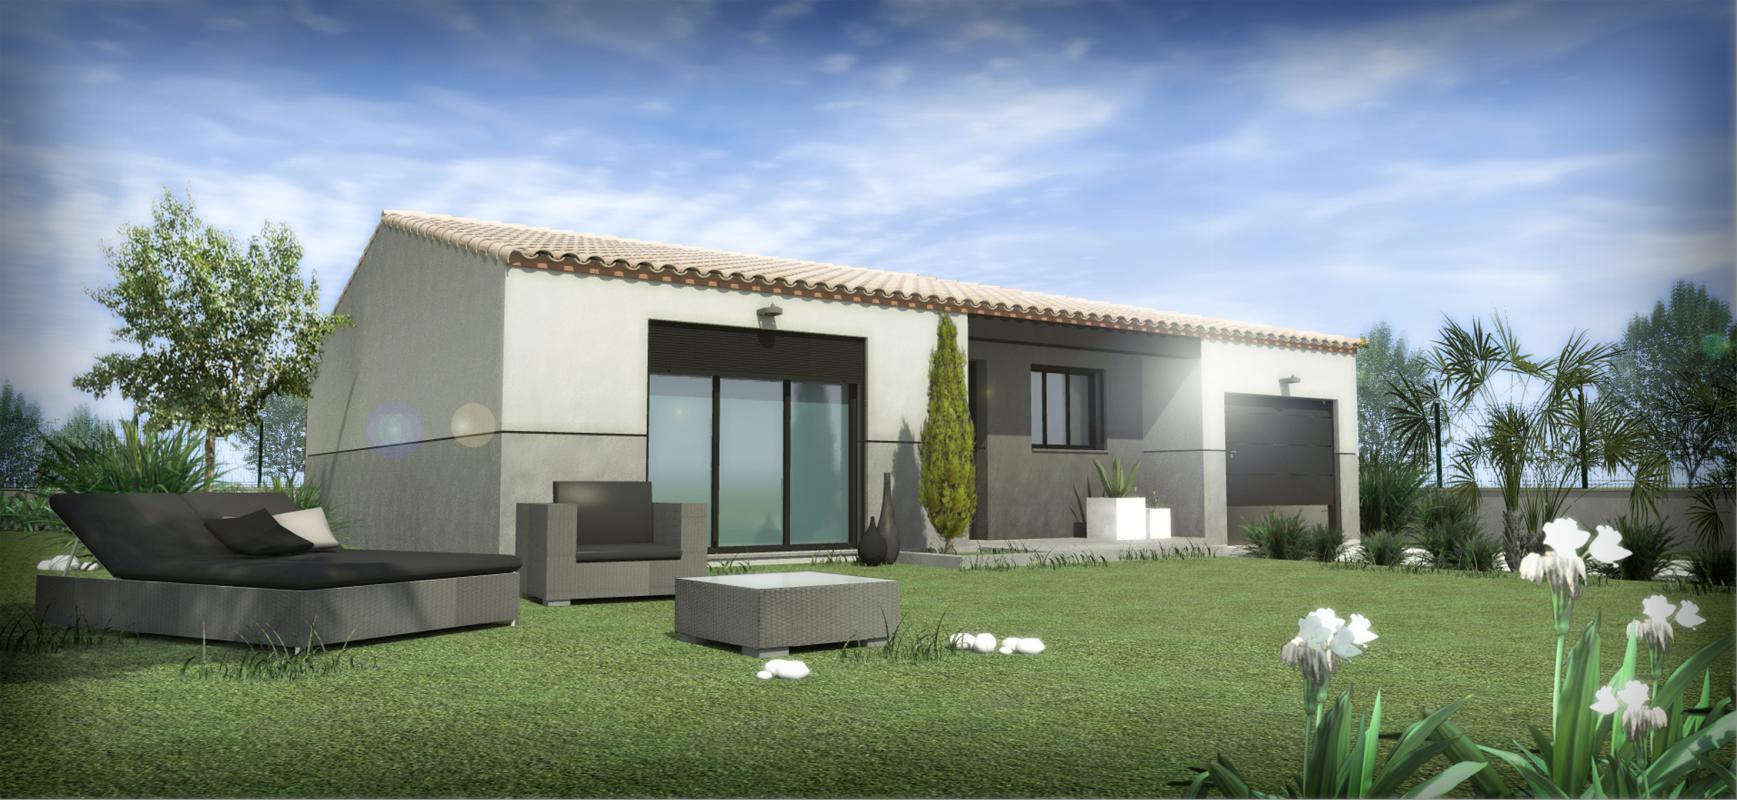 Maisons + Terrains du constructeur SM MAISON • 68 m² • CORBERE LES CABANES